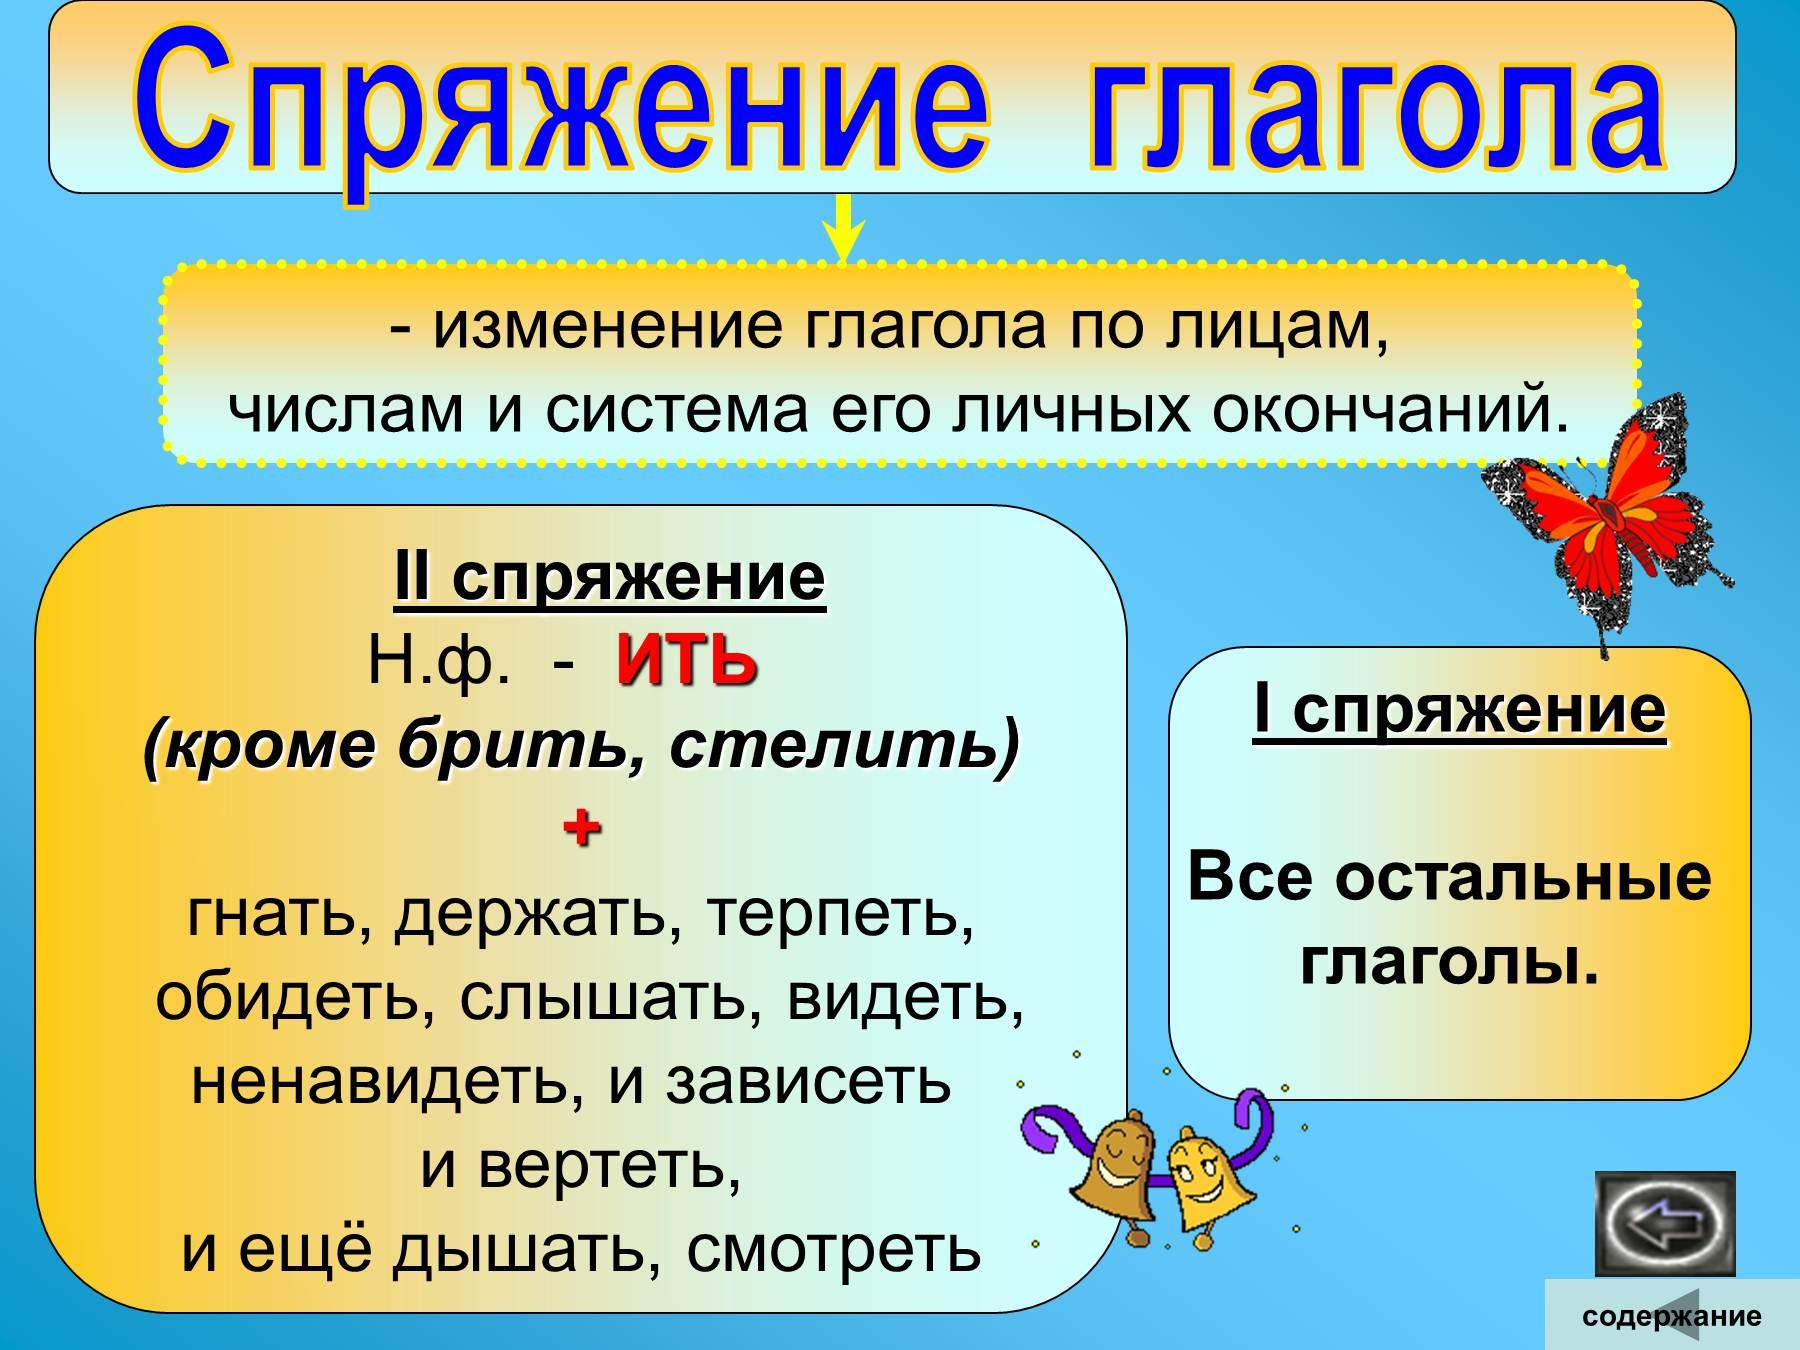 Спряжения глаголов в картинках